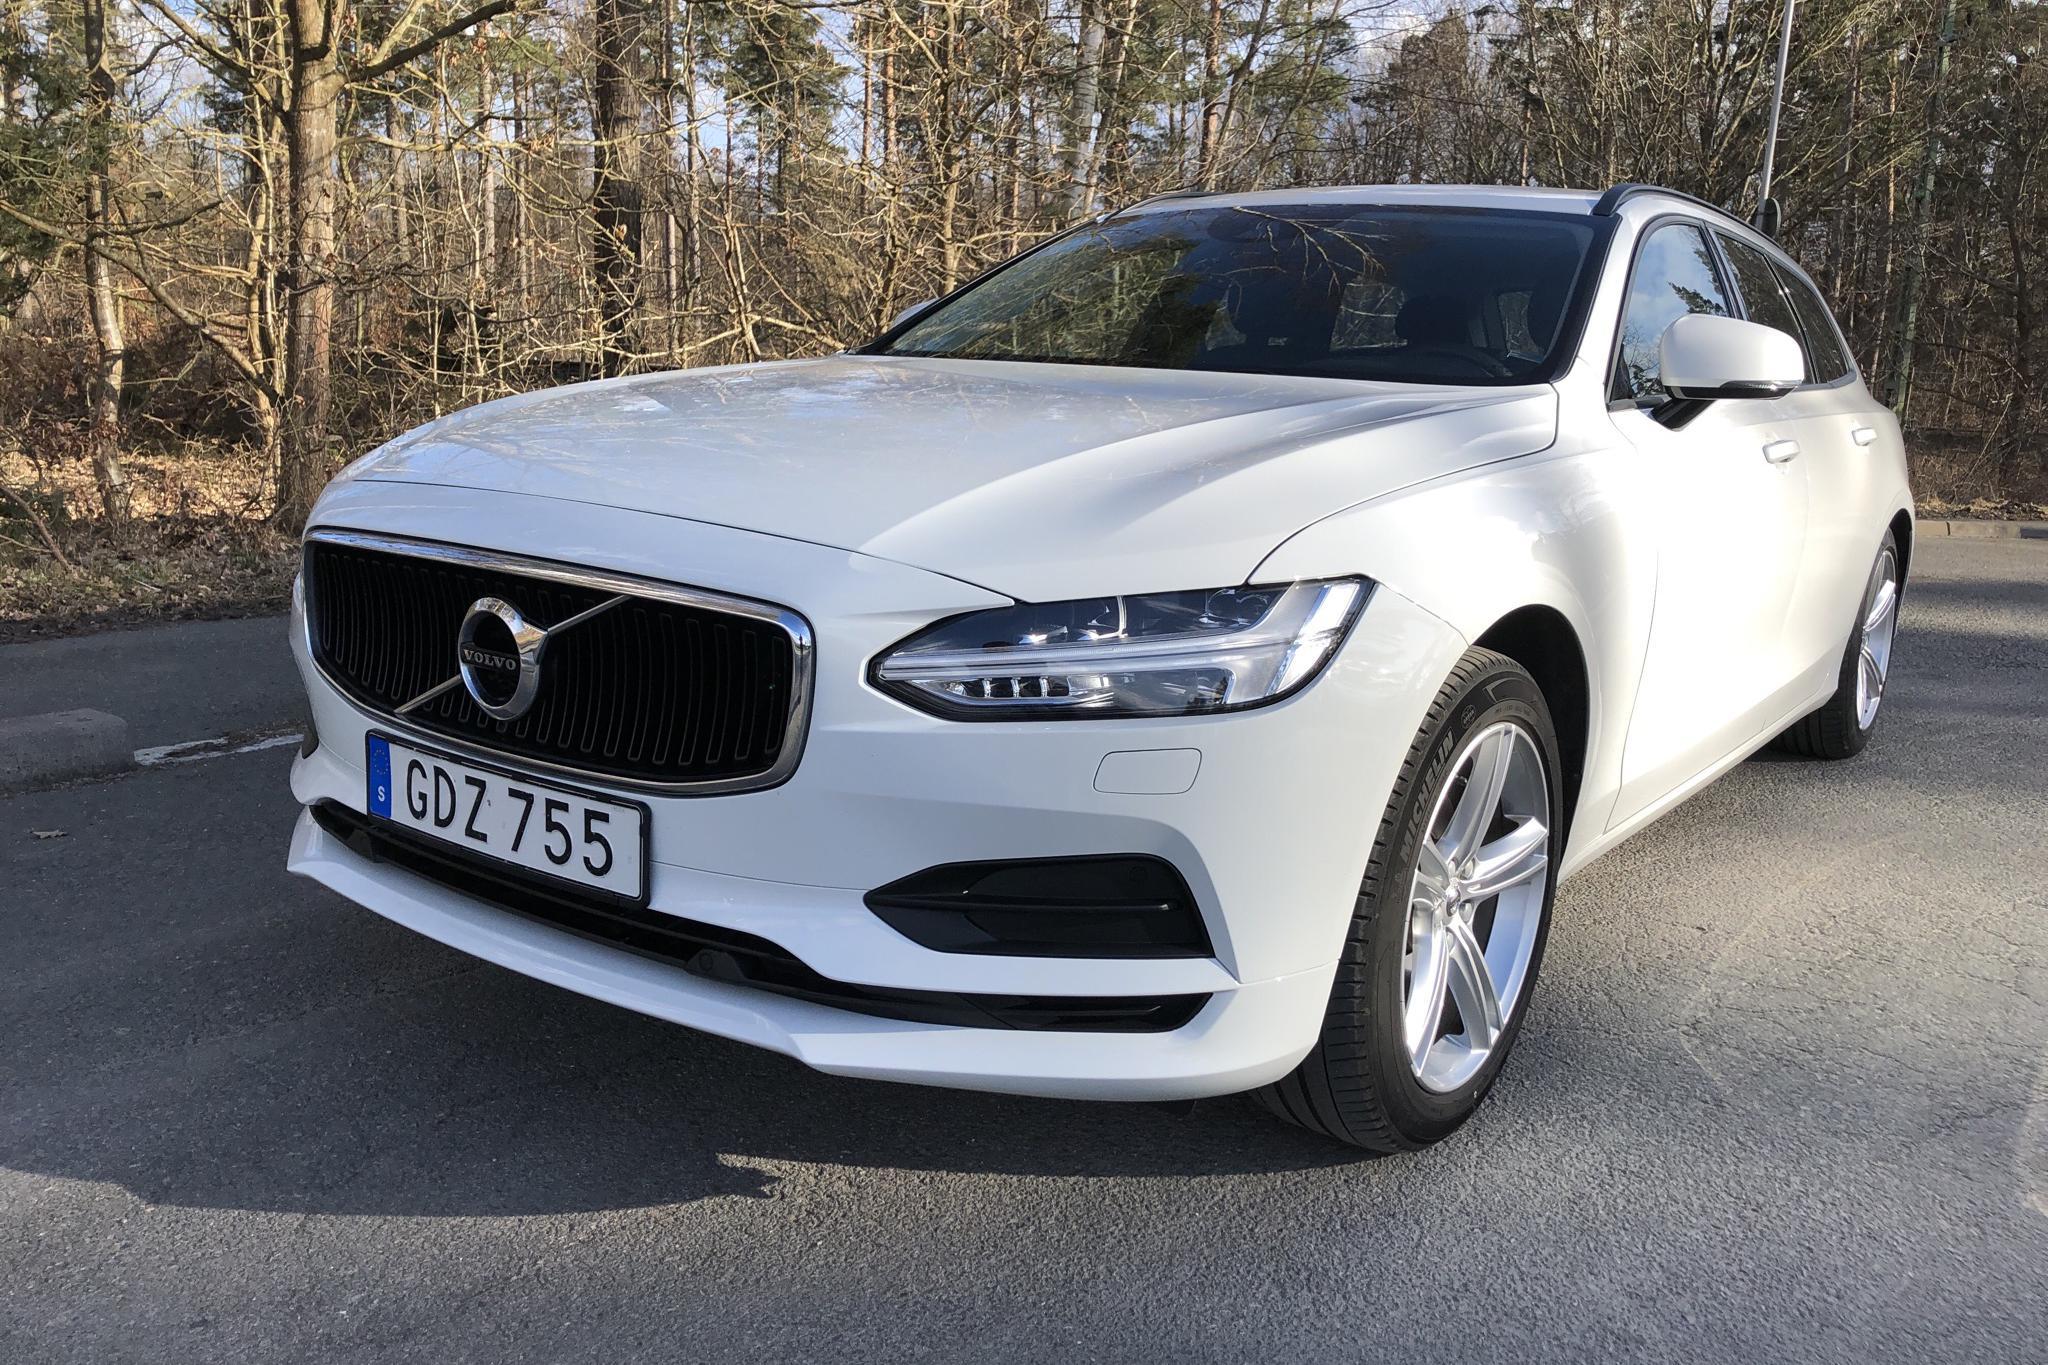 Volvo V90 D3 (150hk) - 95 010 km - Automatic - white - 2018